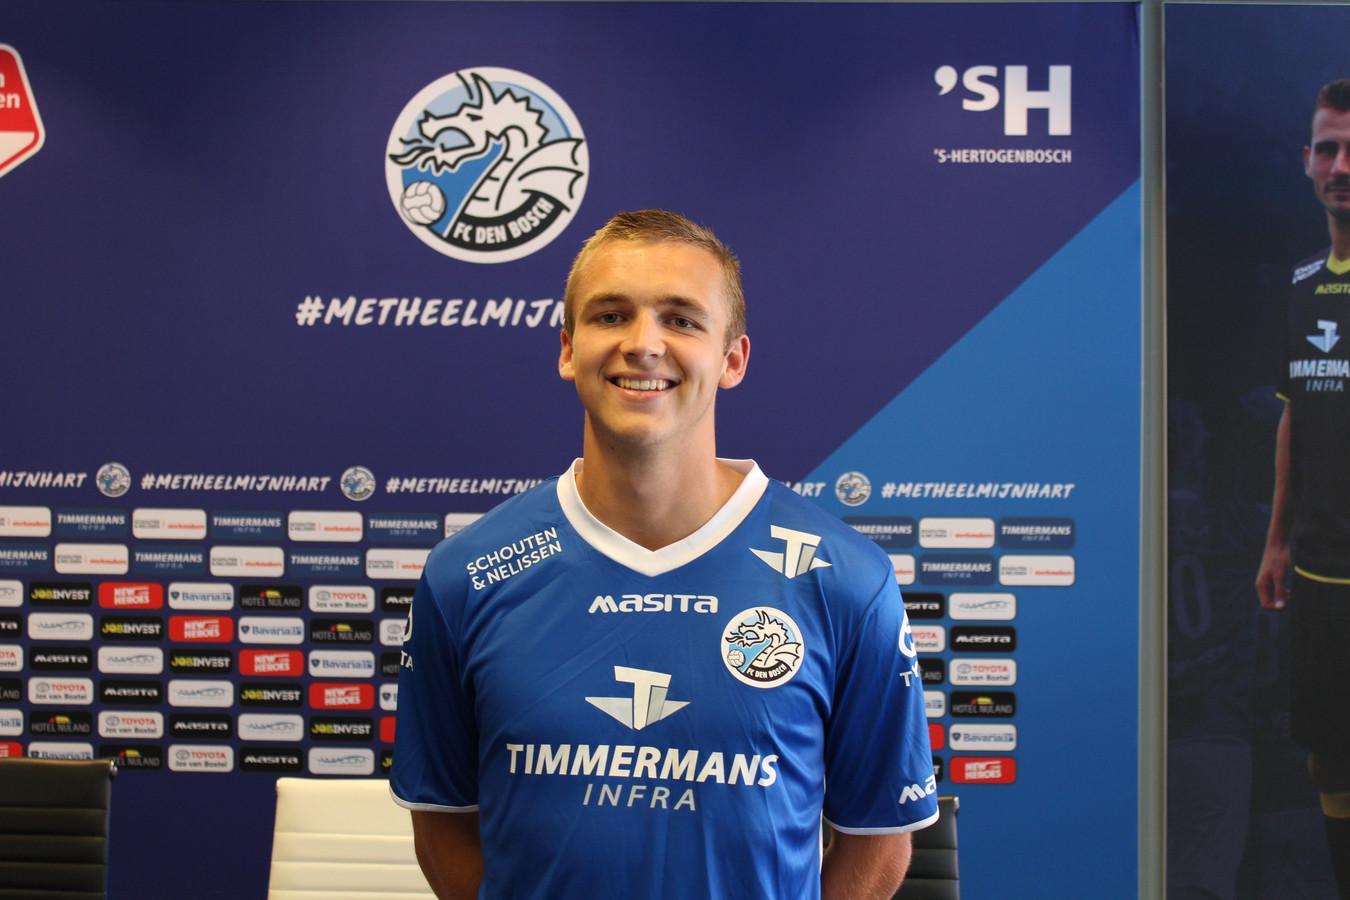 Lars Miedema wordt gepresenteerd